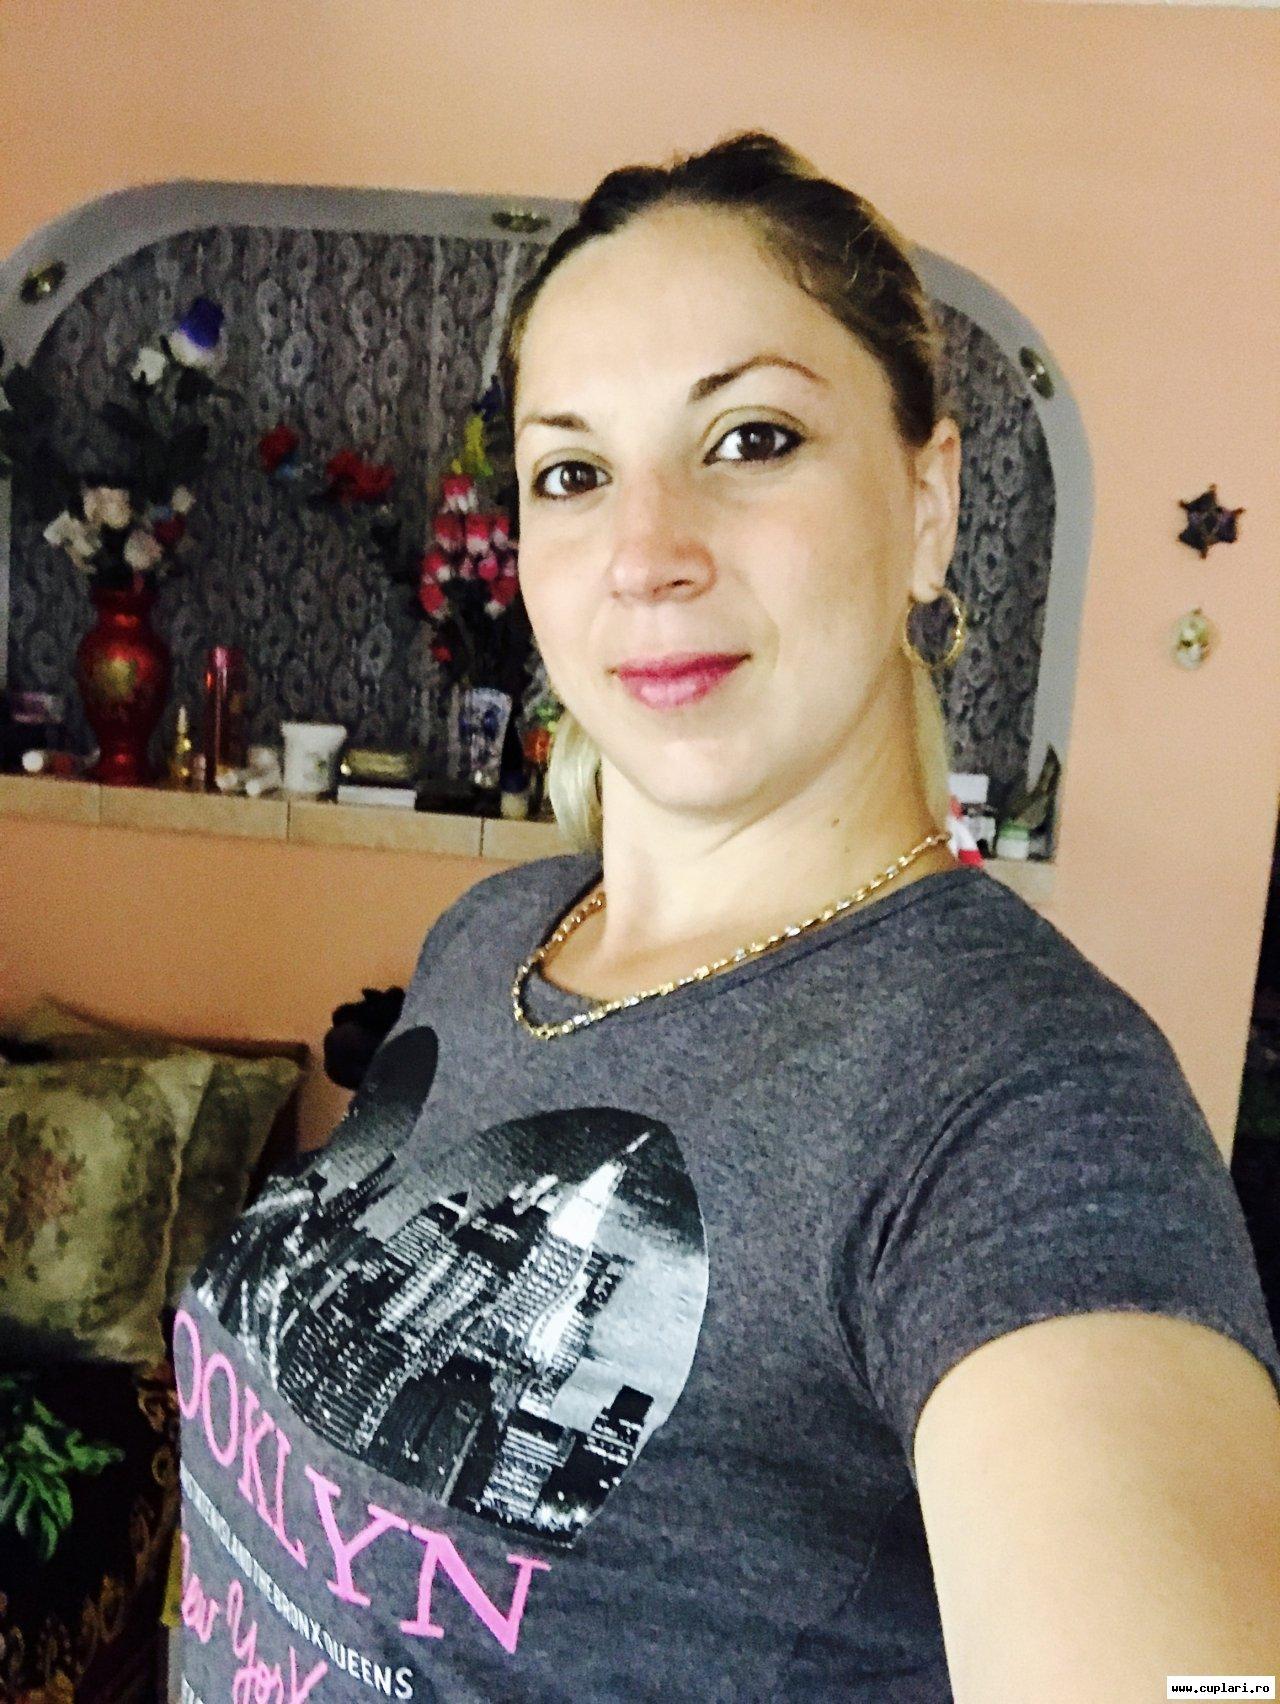 femei singure din Iași care cauta barbati din Drobeta Turnu Severin matrimoniale femei cauta barbati fălticeni